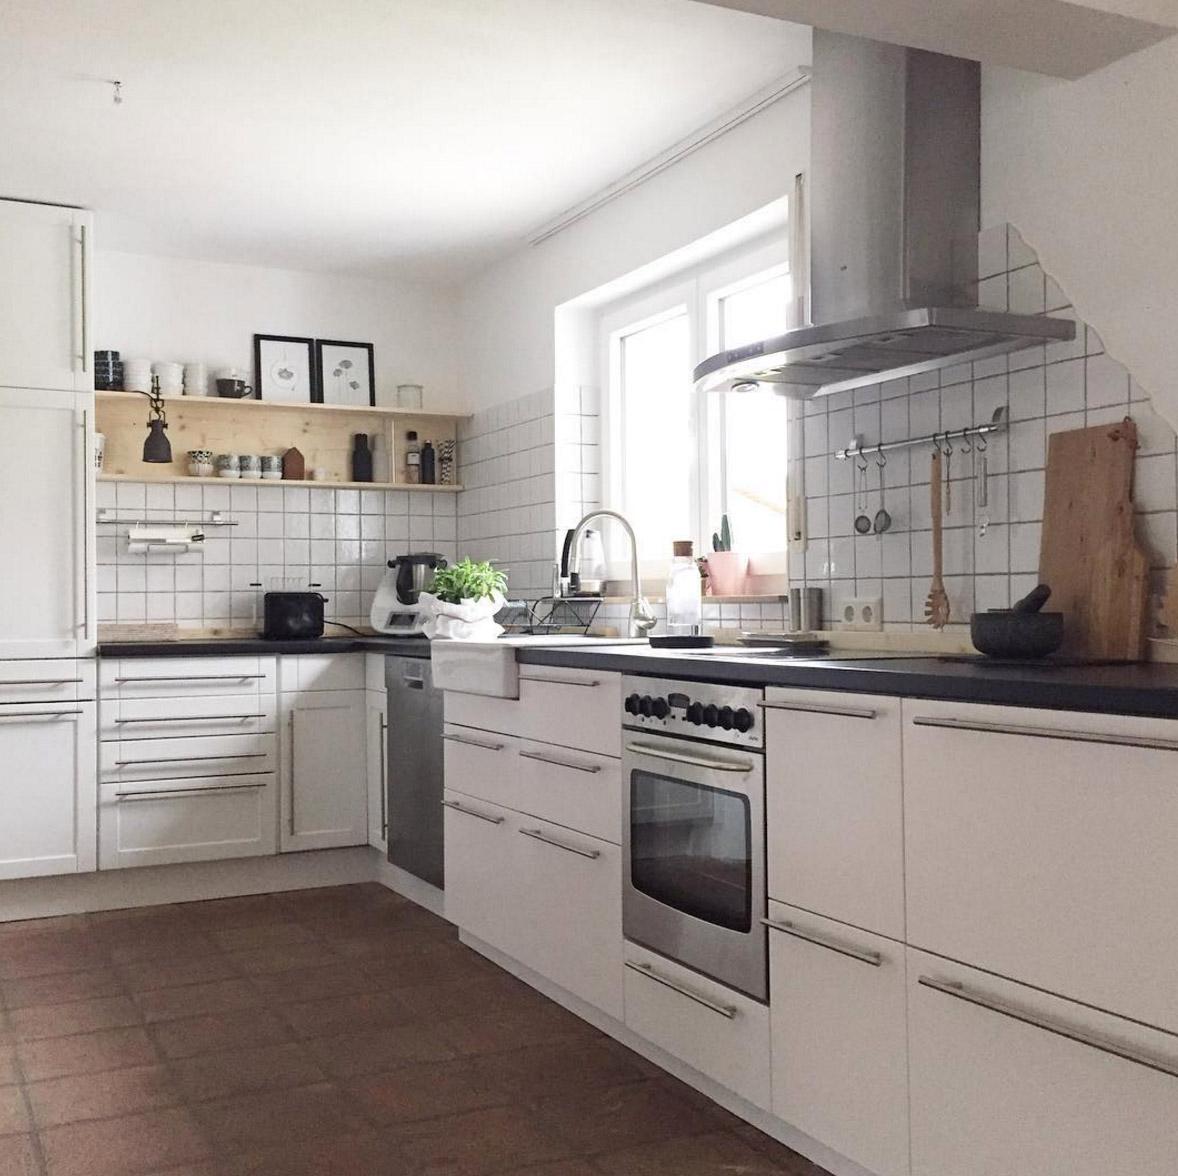 Schwarz Weiße Küche | Wandbilder Kuche Schwarz Weiss Schwarz Weisse Kuche Hausumbau Planen